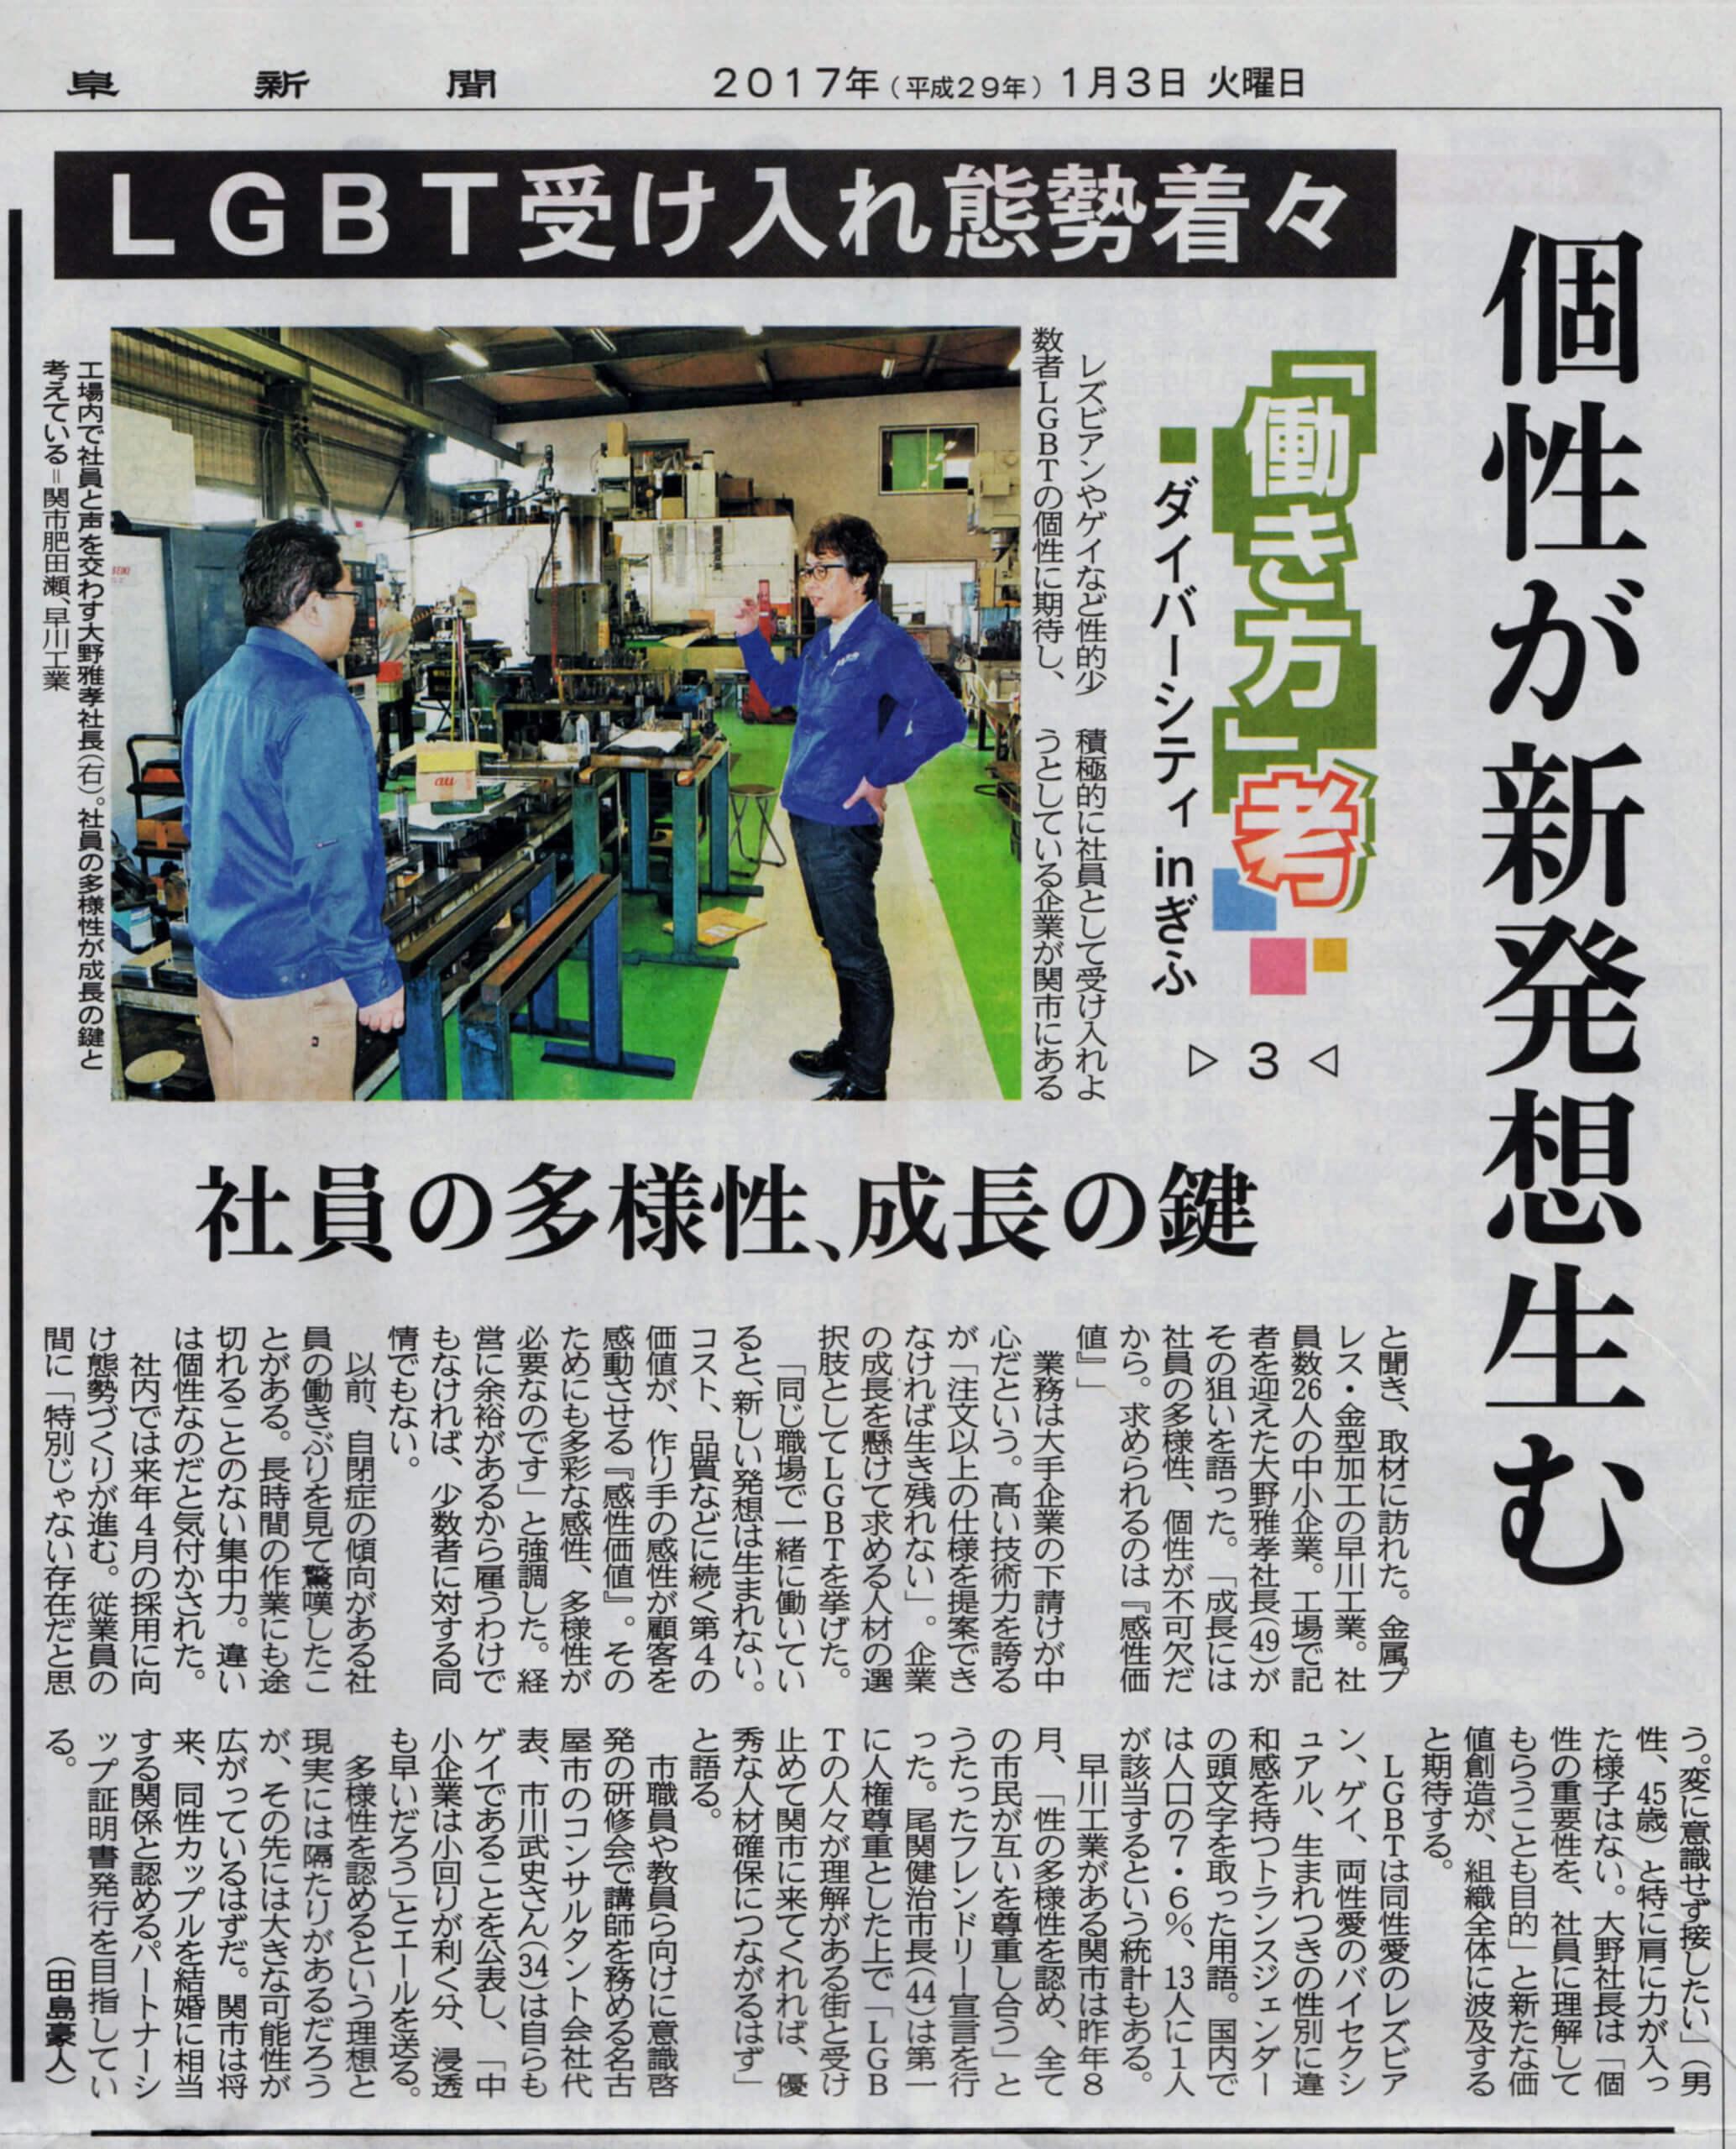 岐阜新聞:LGBT特集